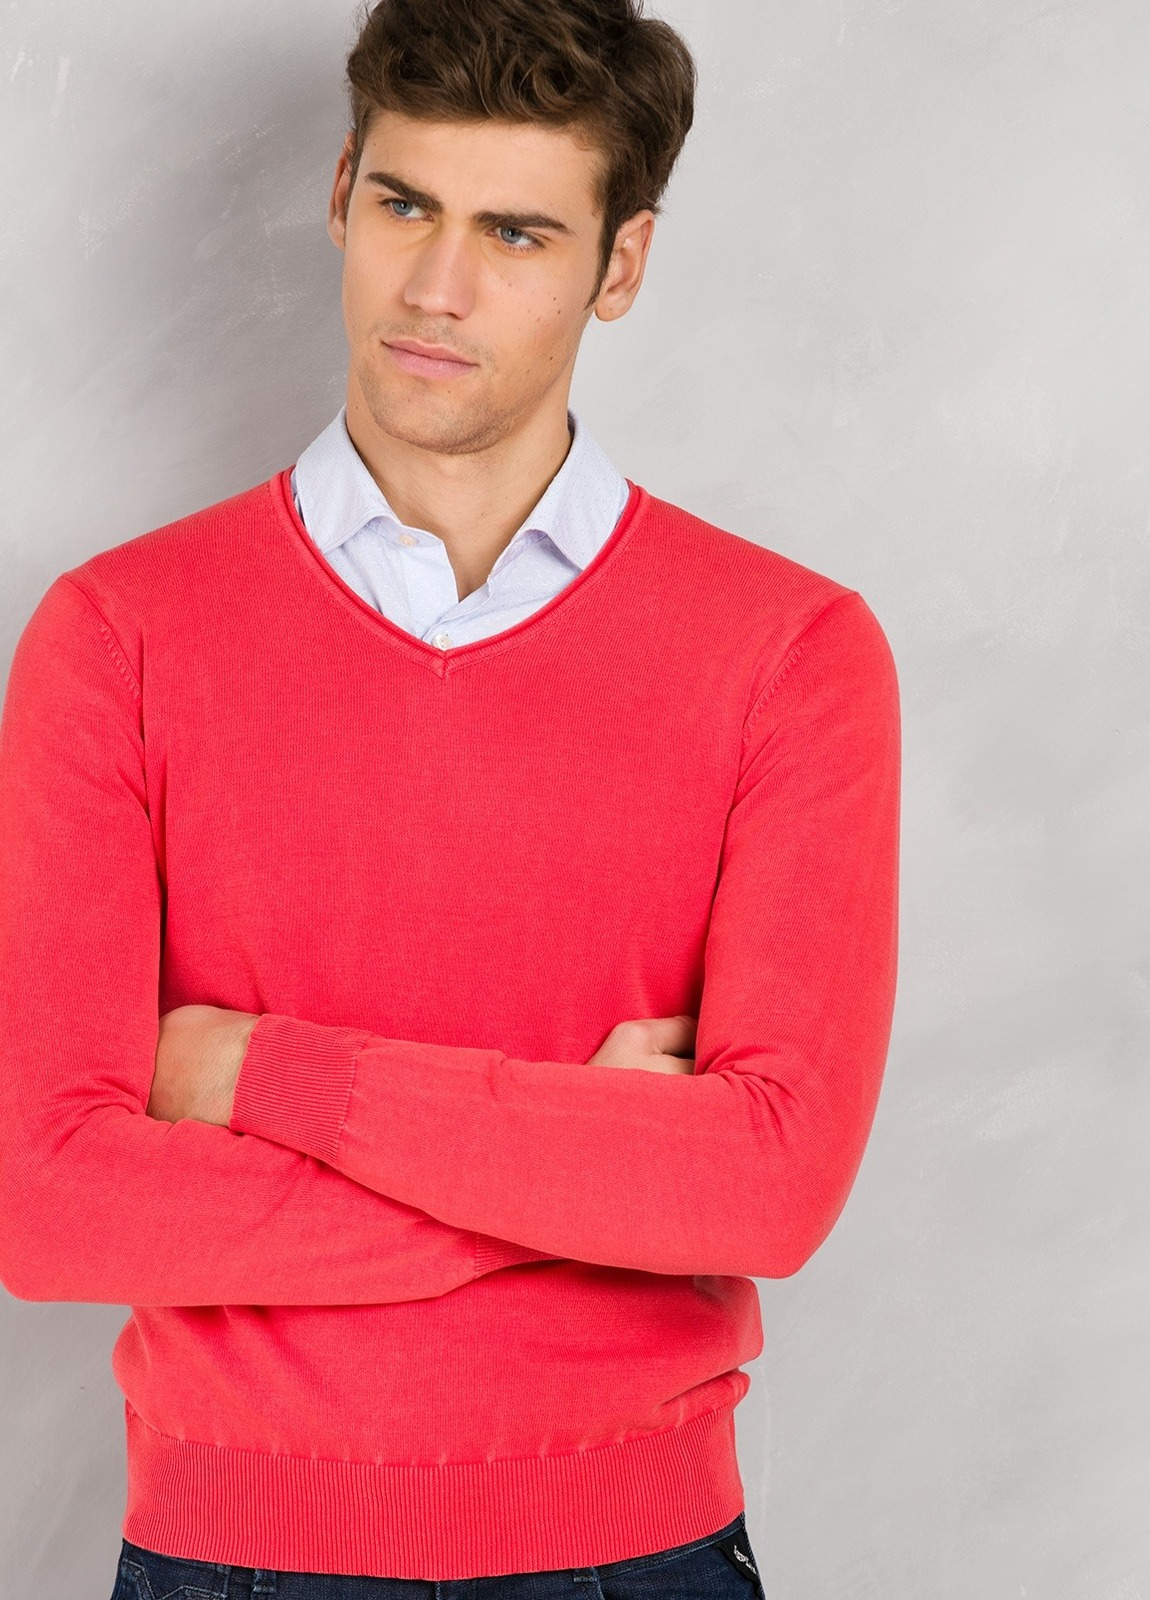 Jersey cuello pico color coral, 100% Algodón lavado. - Ítem1